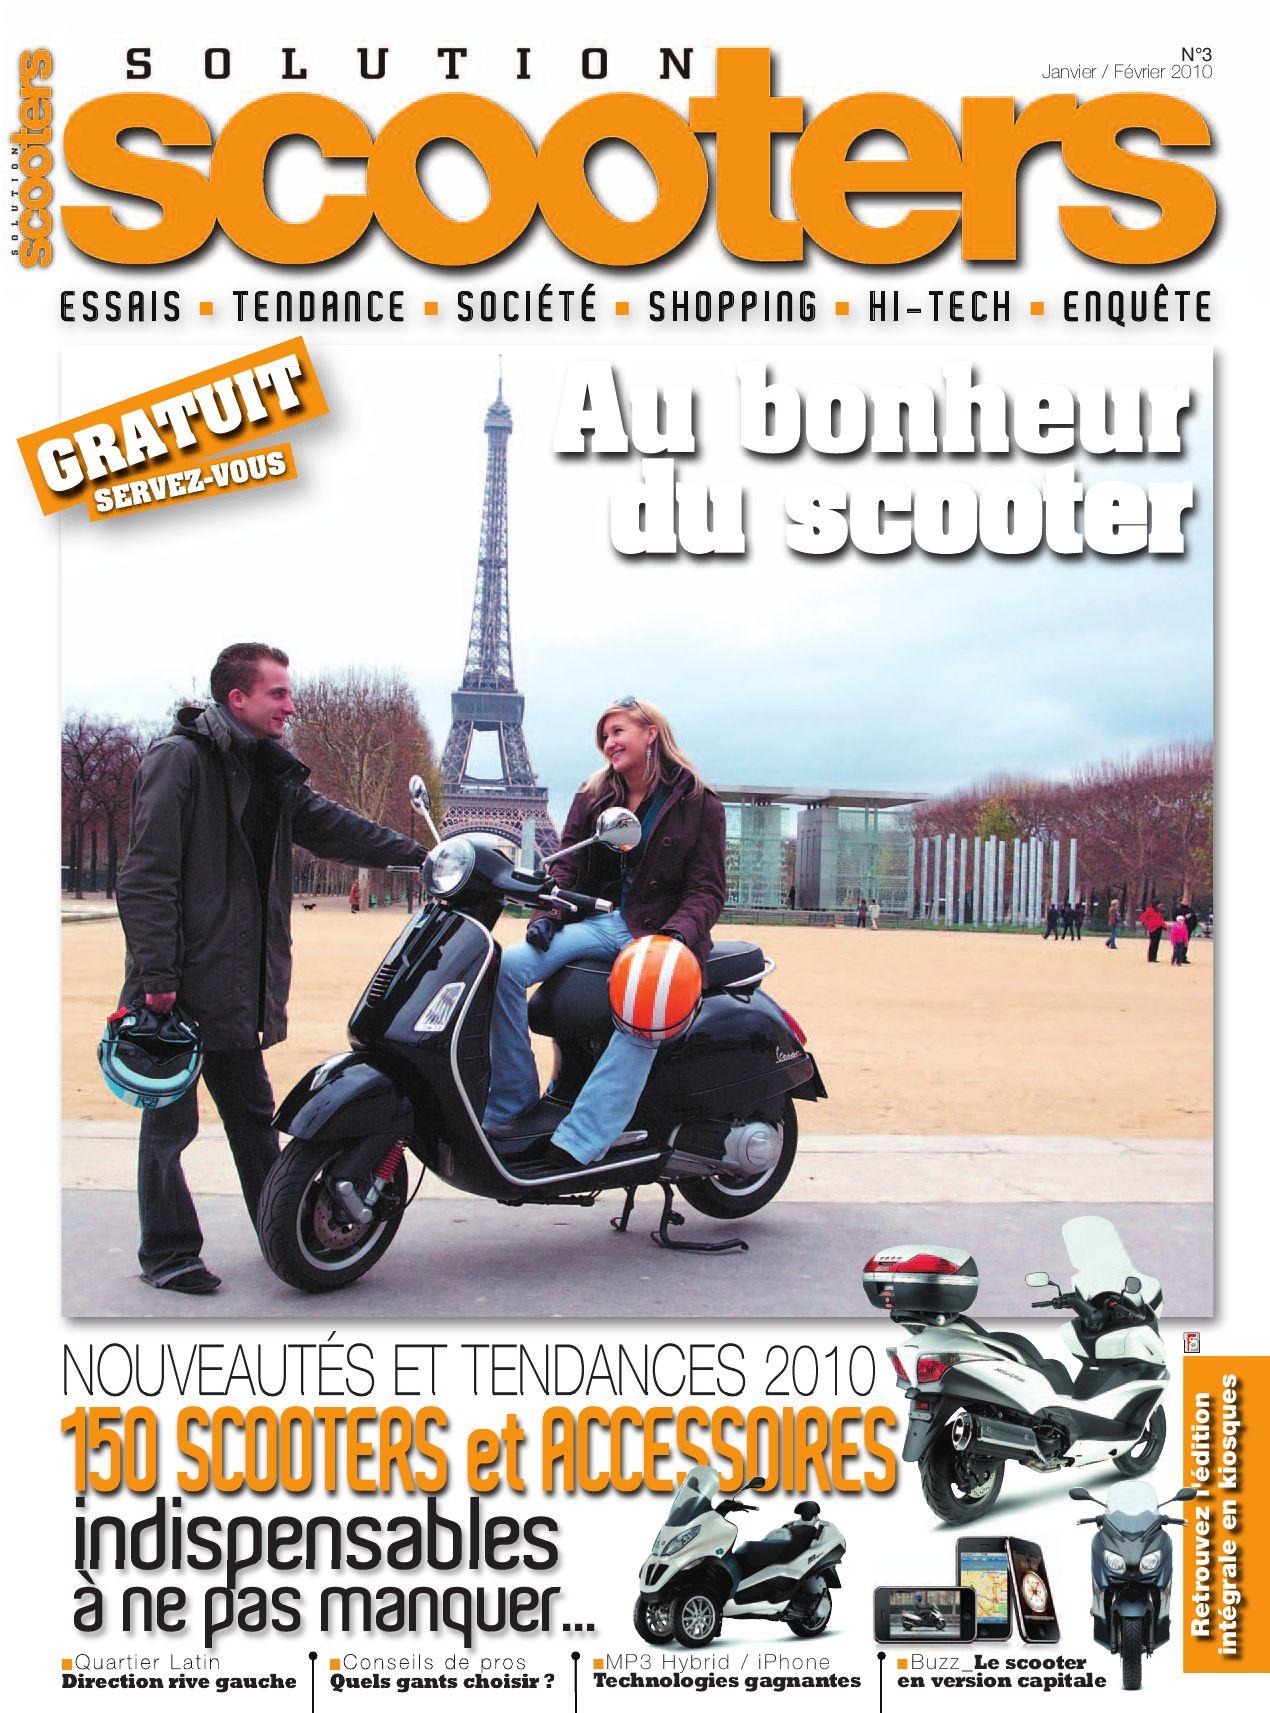 Plaquettes de frein Scooters Piaggio-Vespa MP3 500  Avant Droit de 2009 à 2010